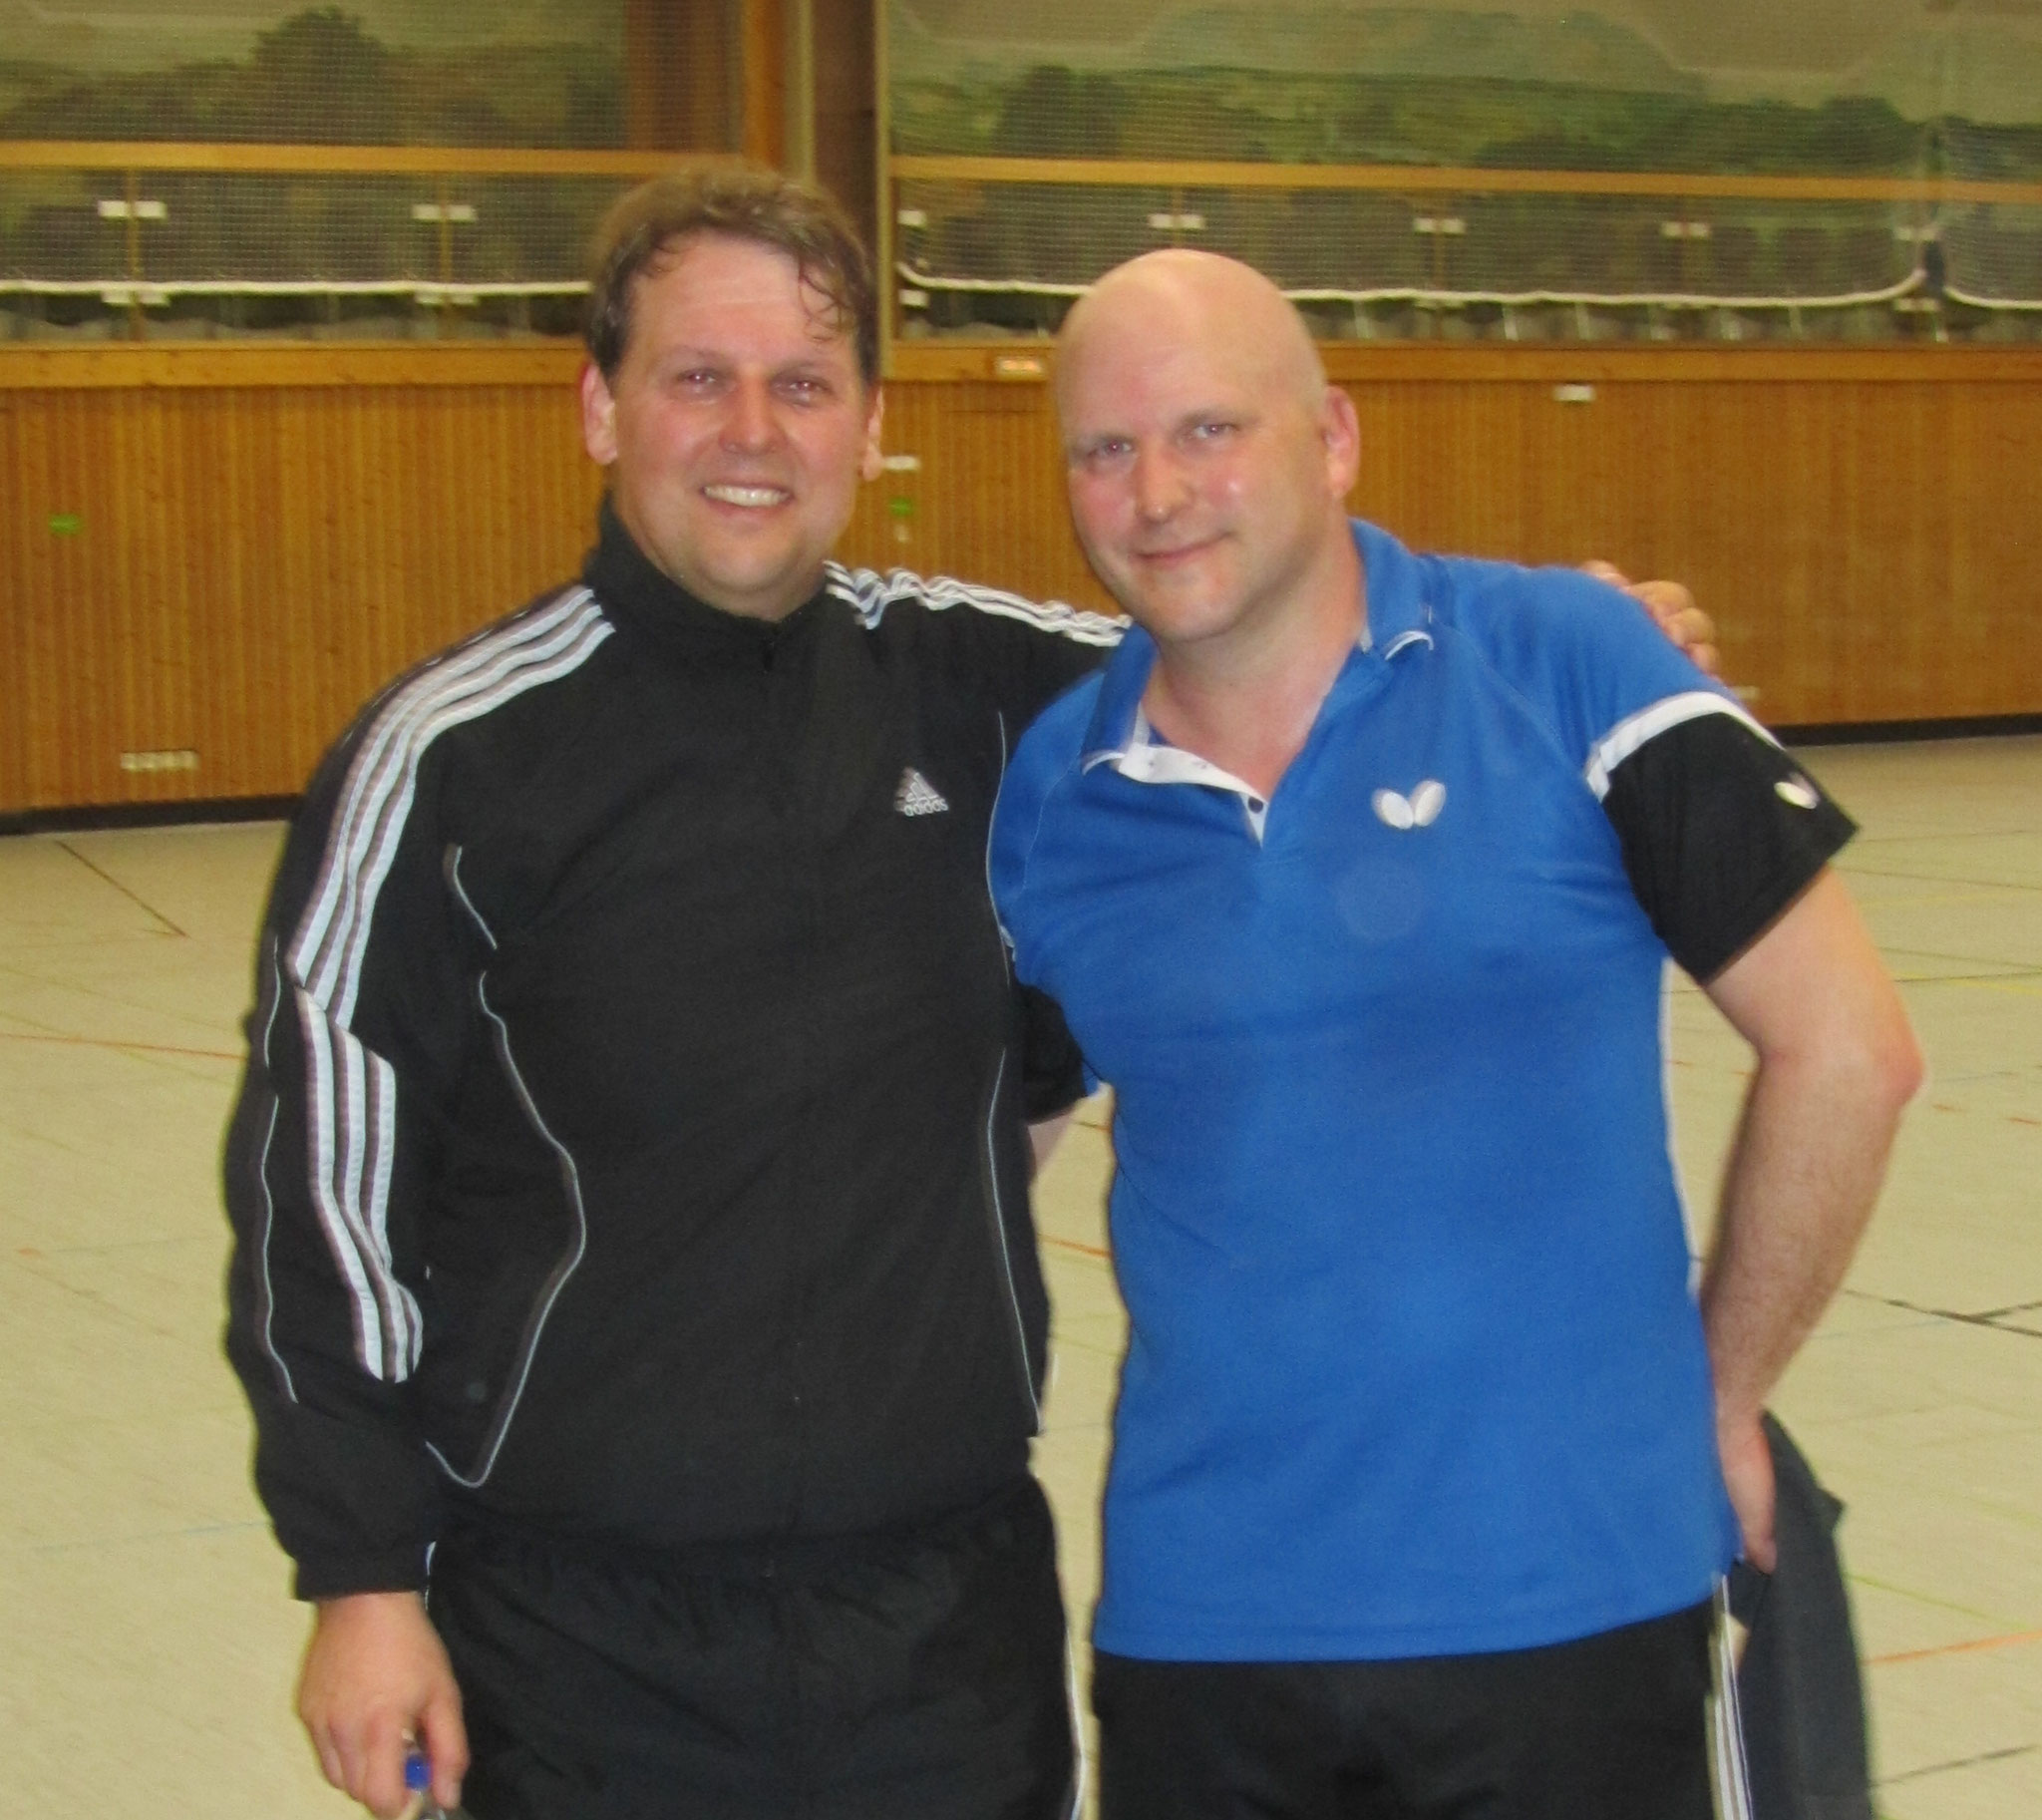 Die beiden punktgleichen Erstplatzierten der Herren C mit Klaus Balda und Patrick Schrepf vom TTF Atting abgekämpft nach einem Fünf-Satz-Spiel, das auch noch in die Verlängerung ging